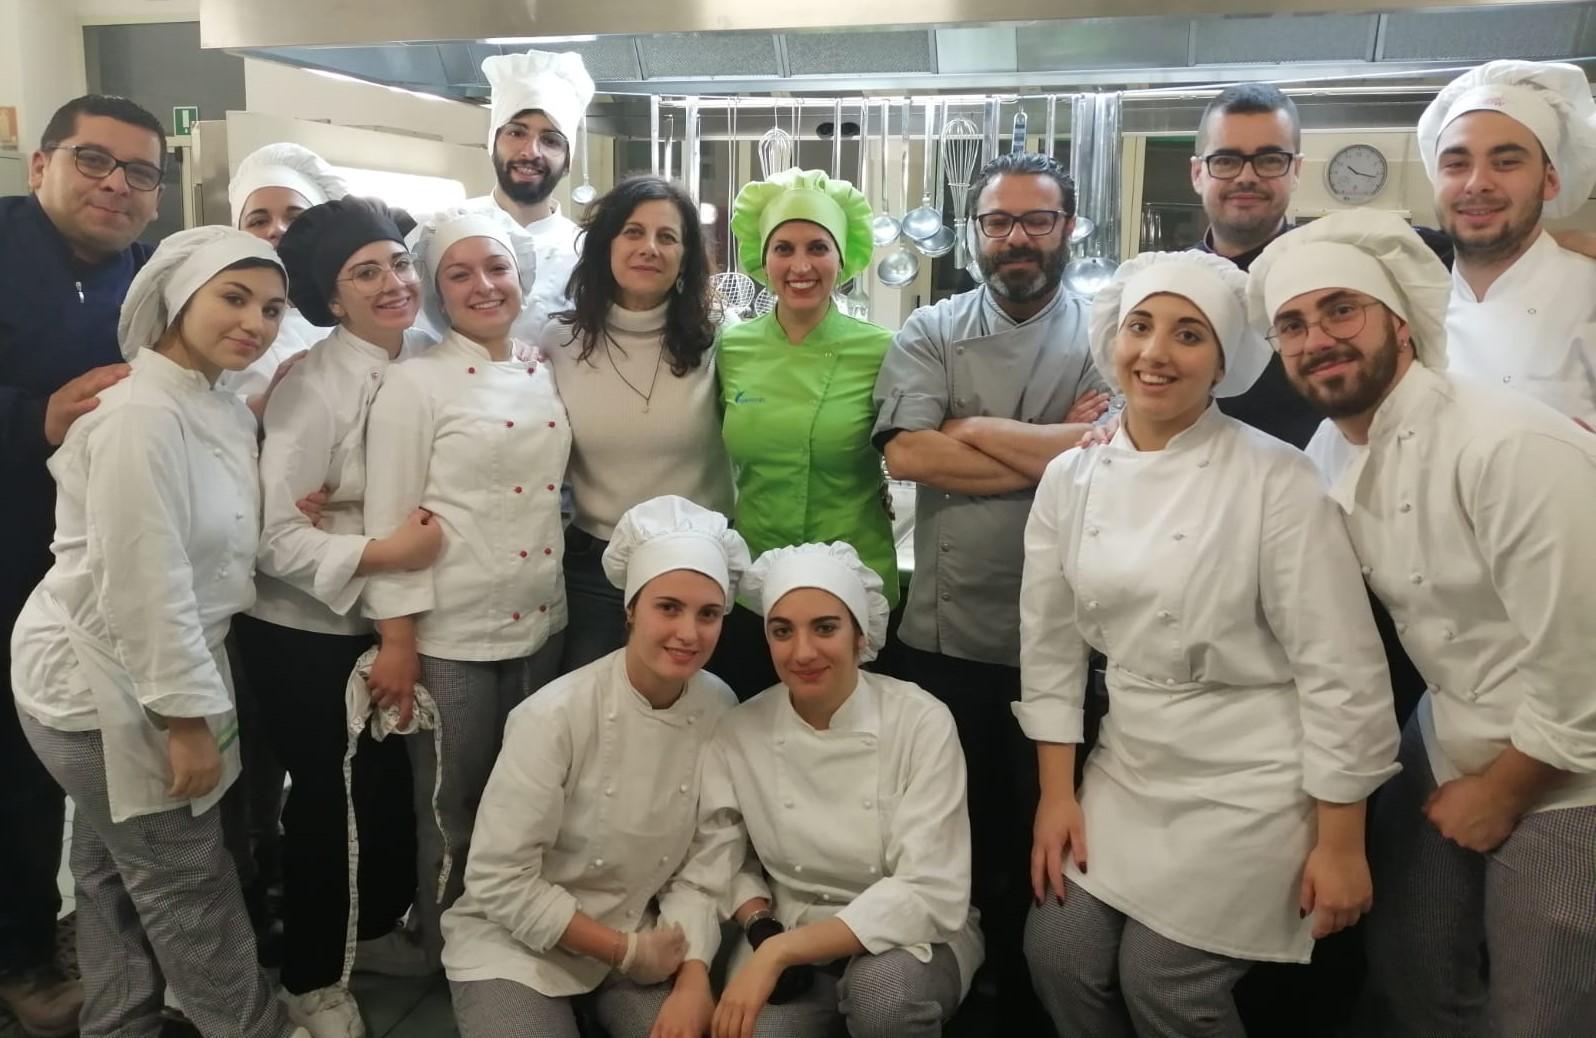 Modica, all'Alberghiero avviato il progetto pilota sulla cucina vegetale